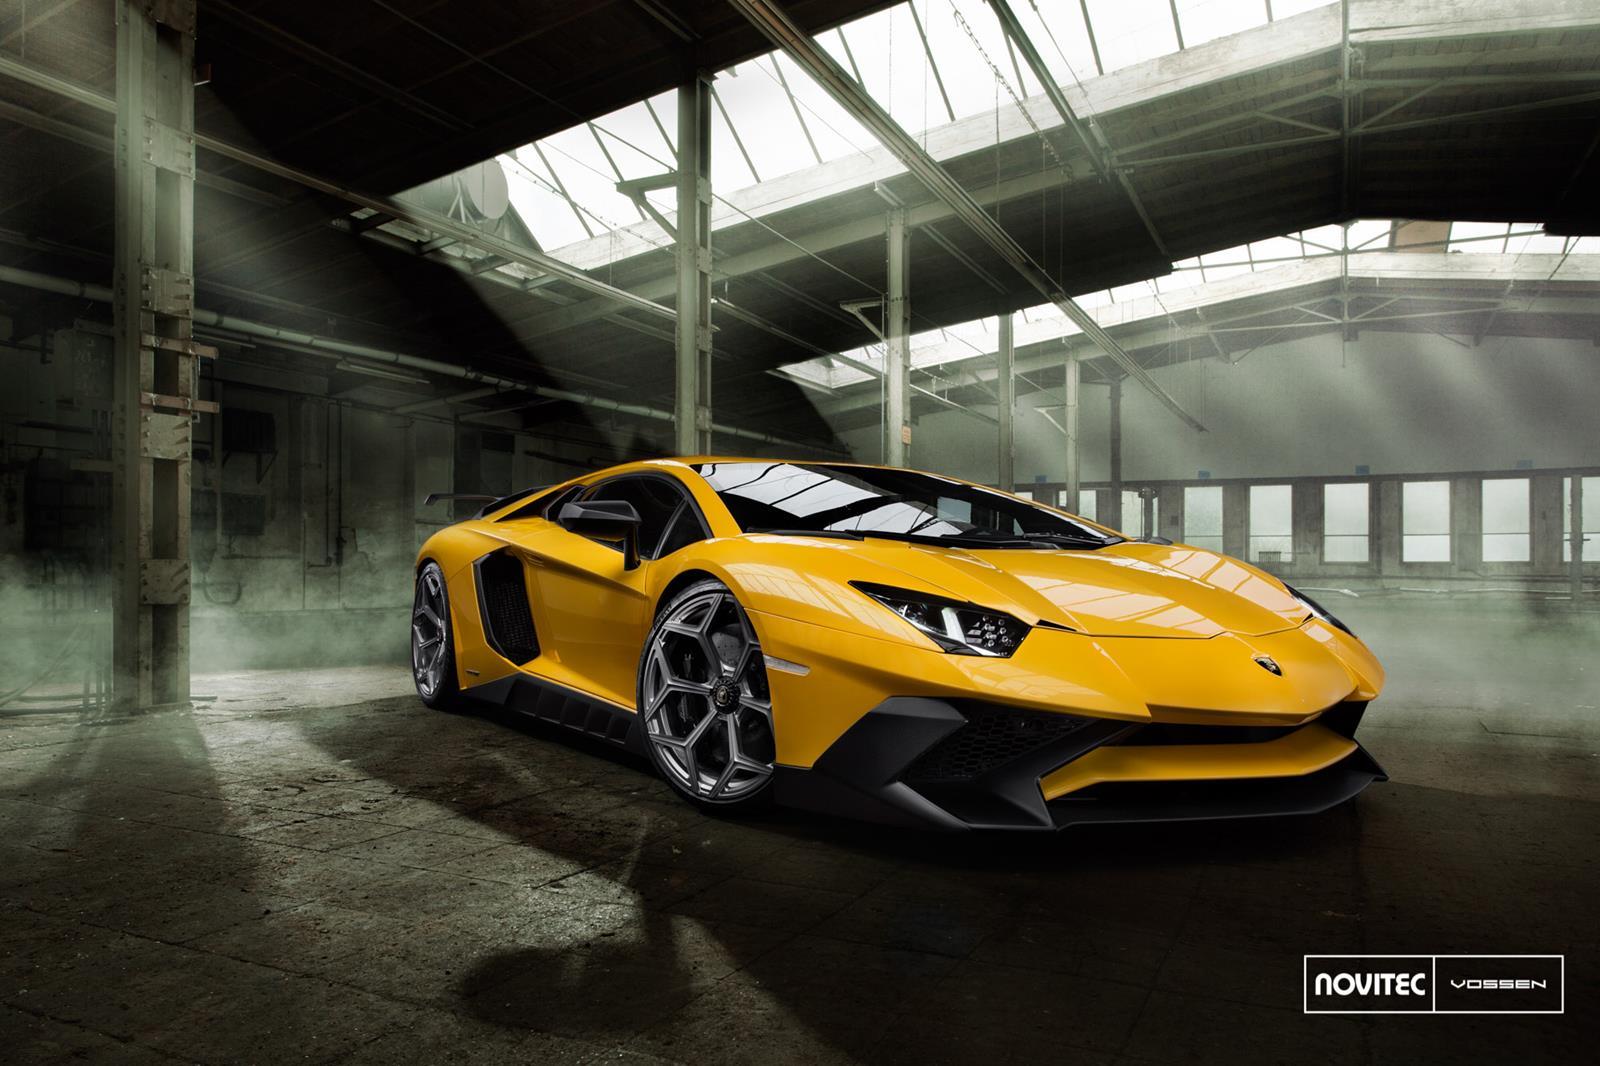 Lamborghini_Aventador SV_NV1_92387512.jpg